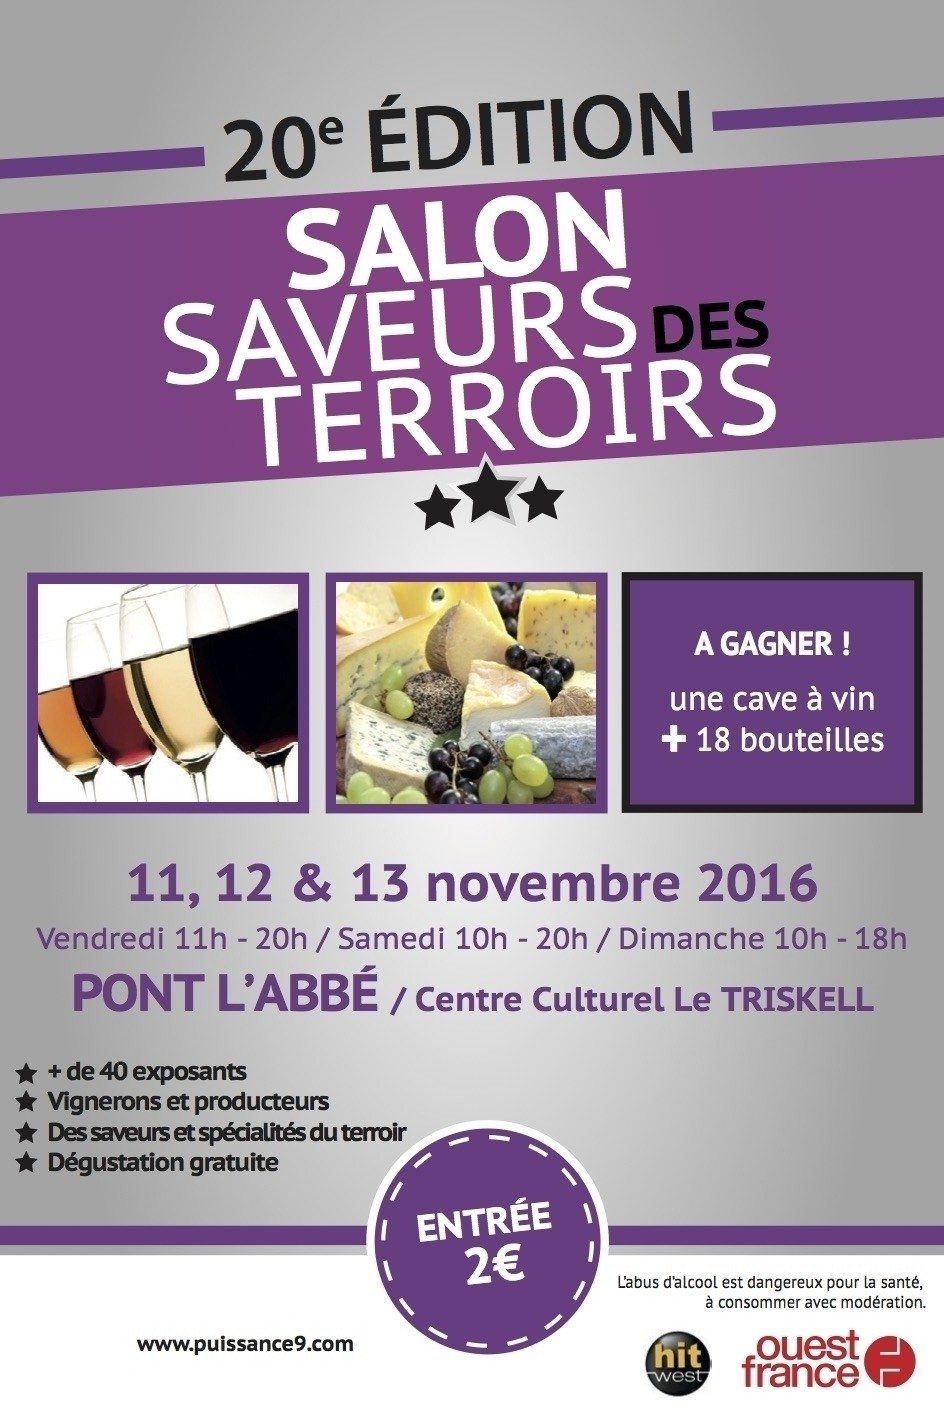 Salon Saveurs des terroirs Pont-l'Abbé